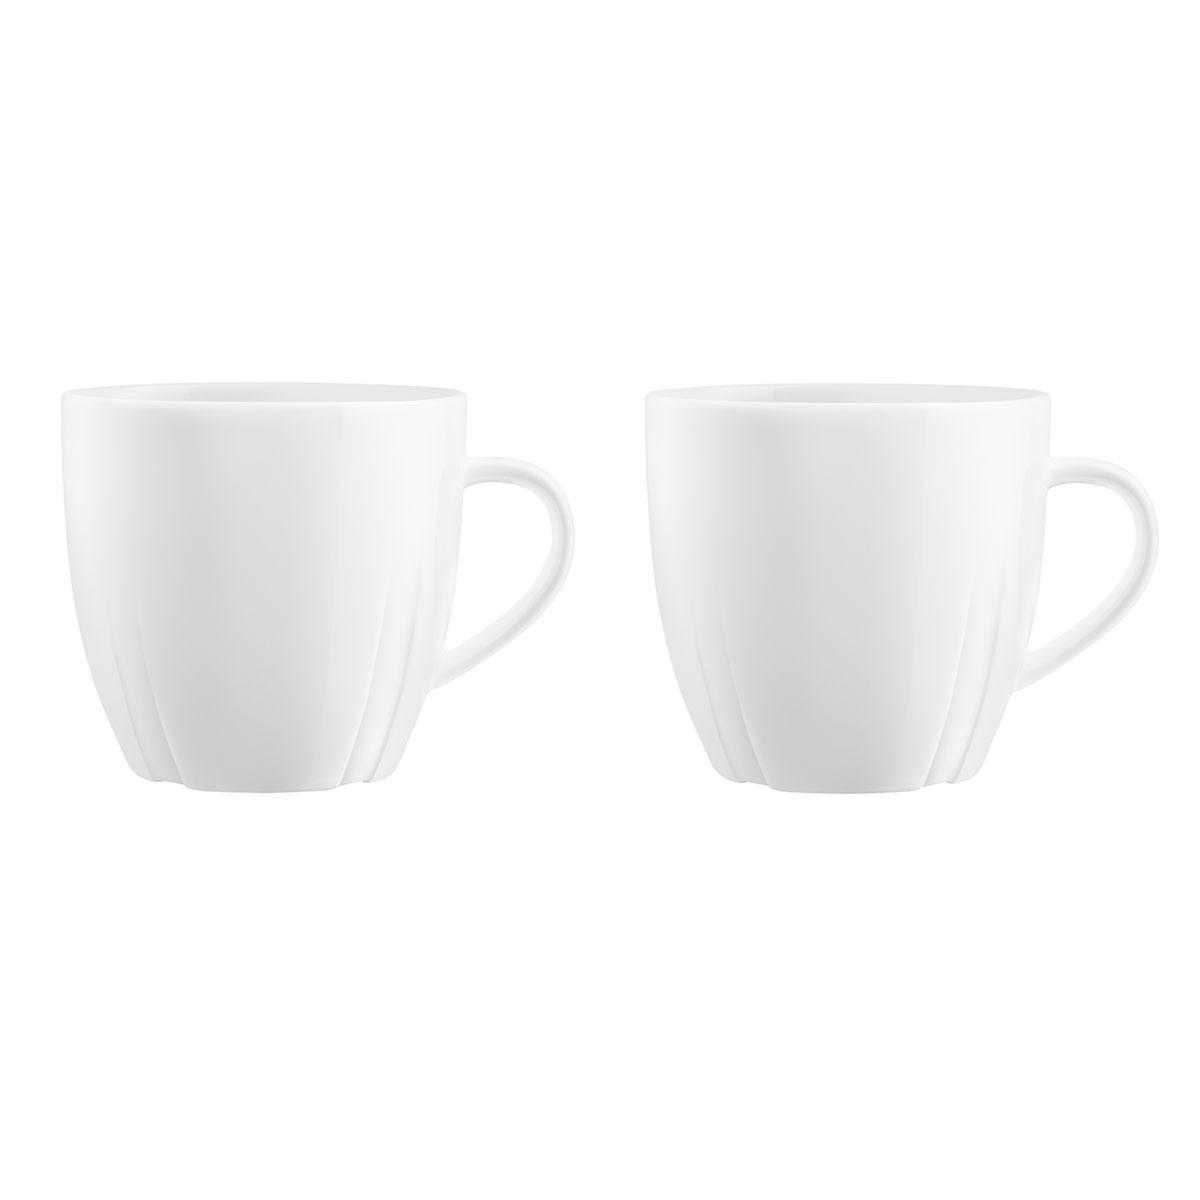 Kosta Boda Bruk Tea Mug, Pair